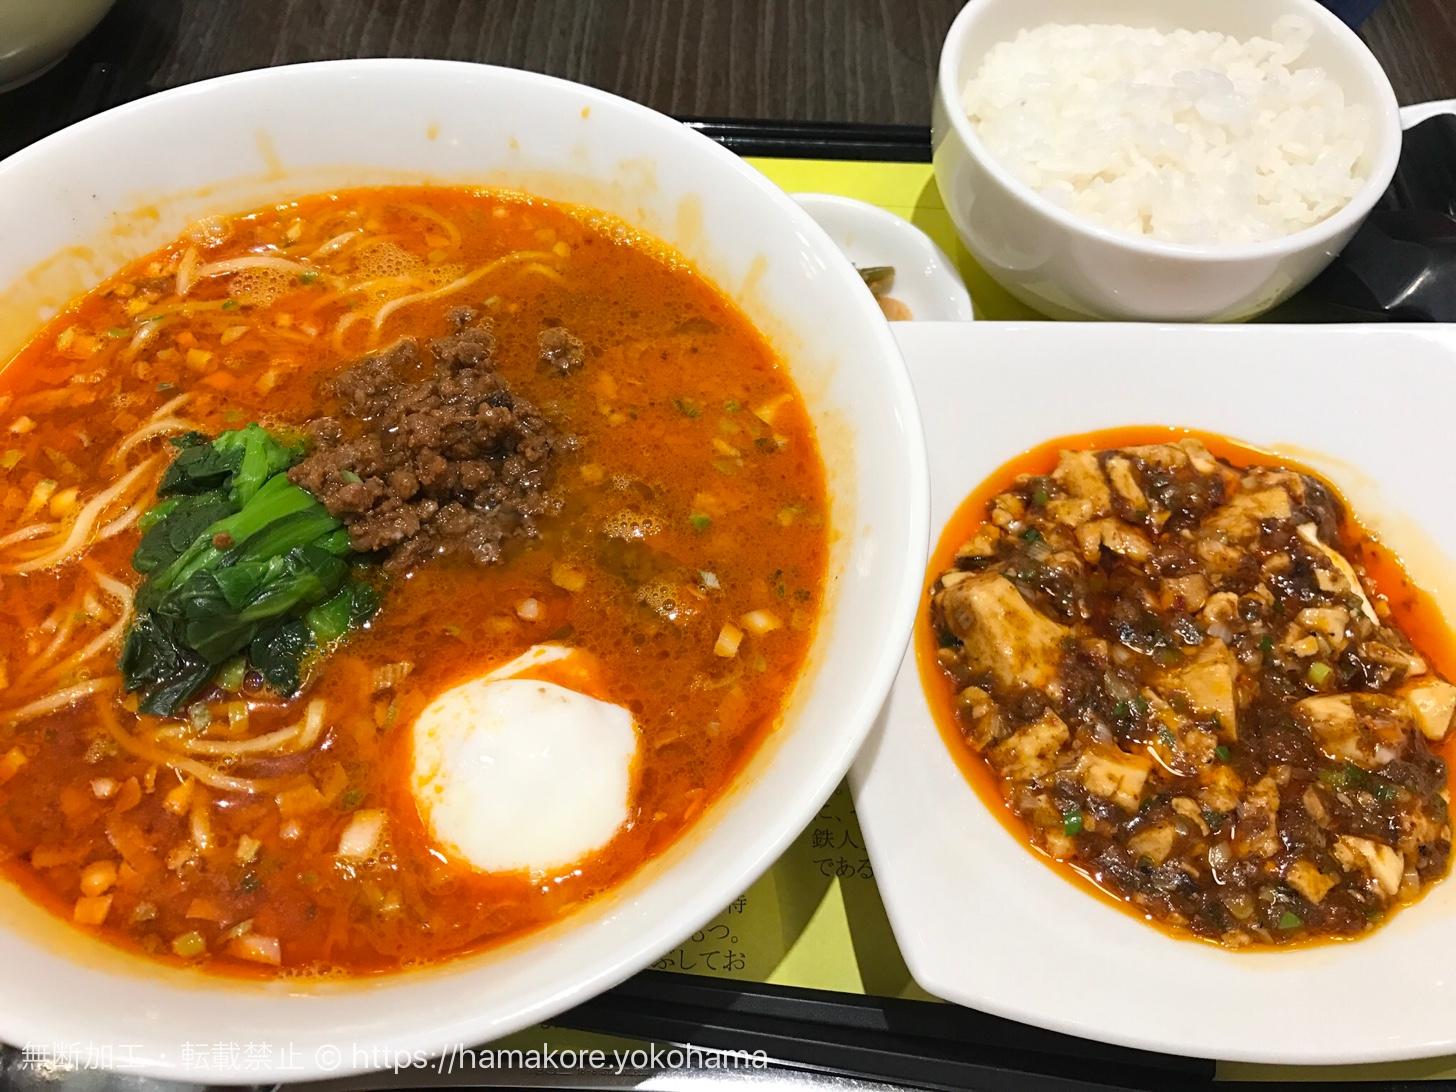 陳健一麻婆豆腐店 ランチセット